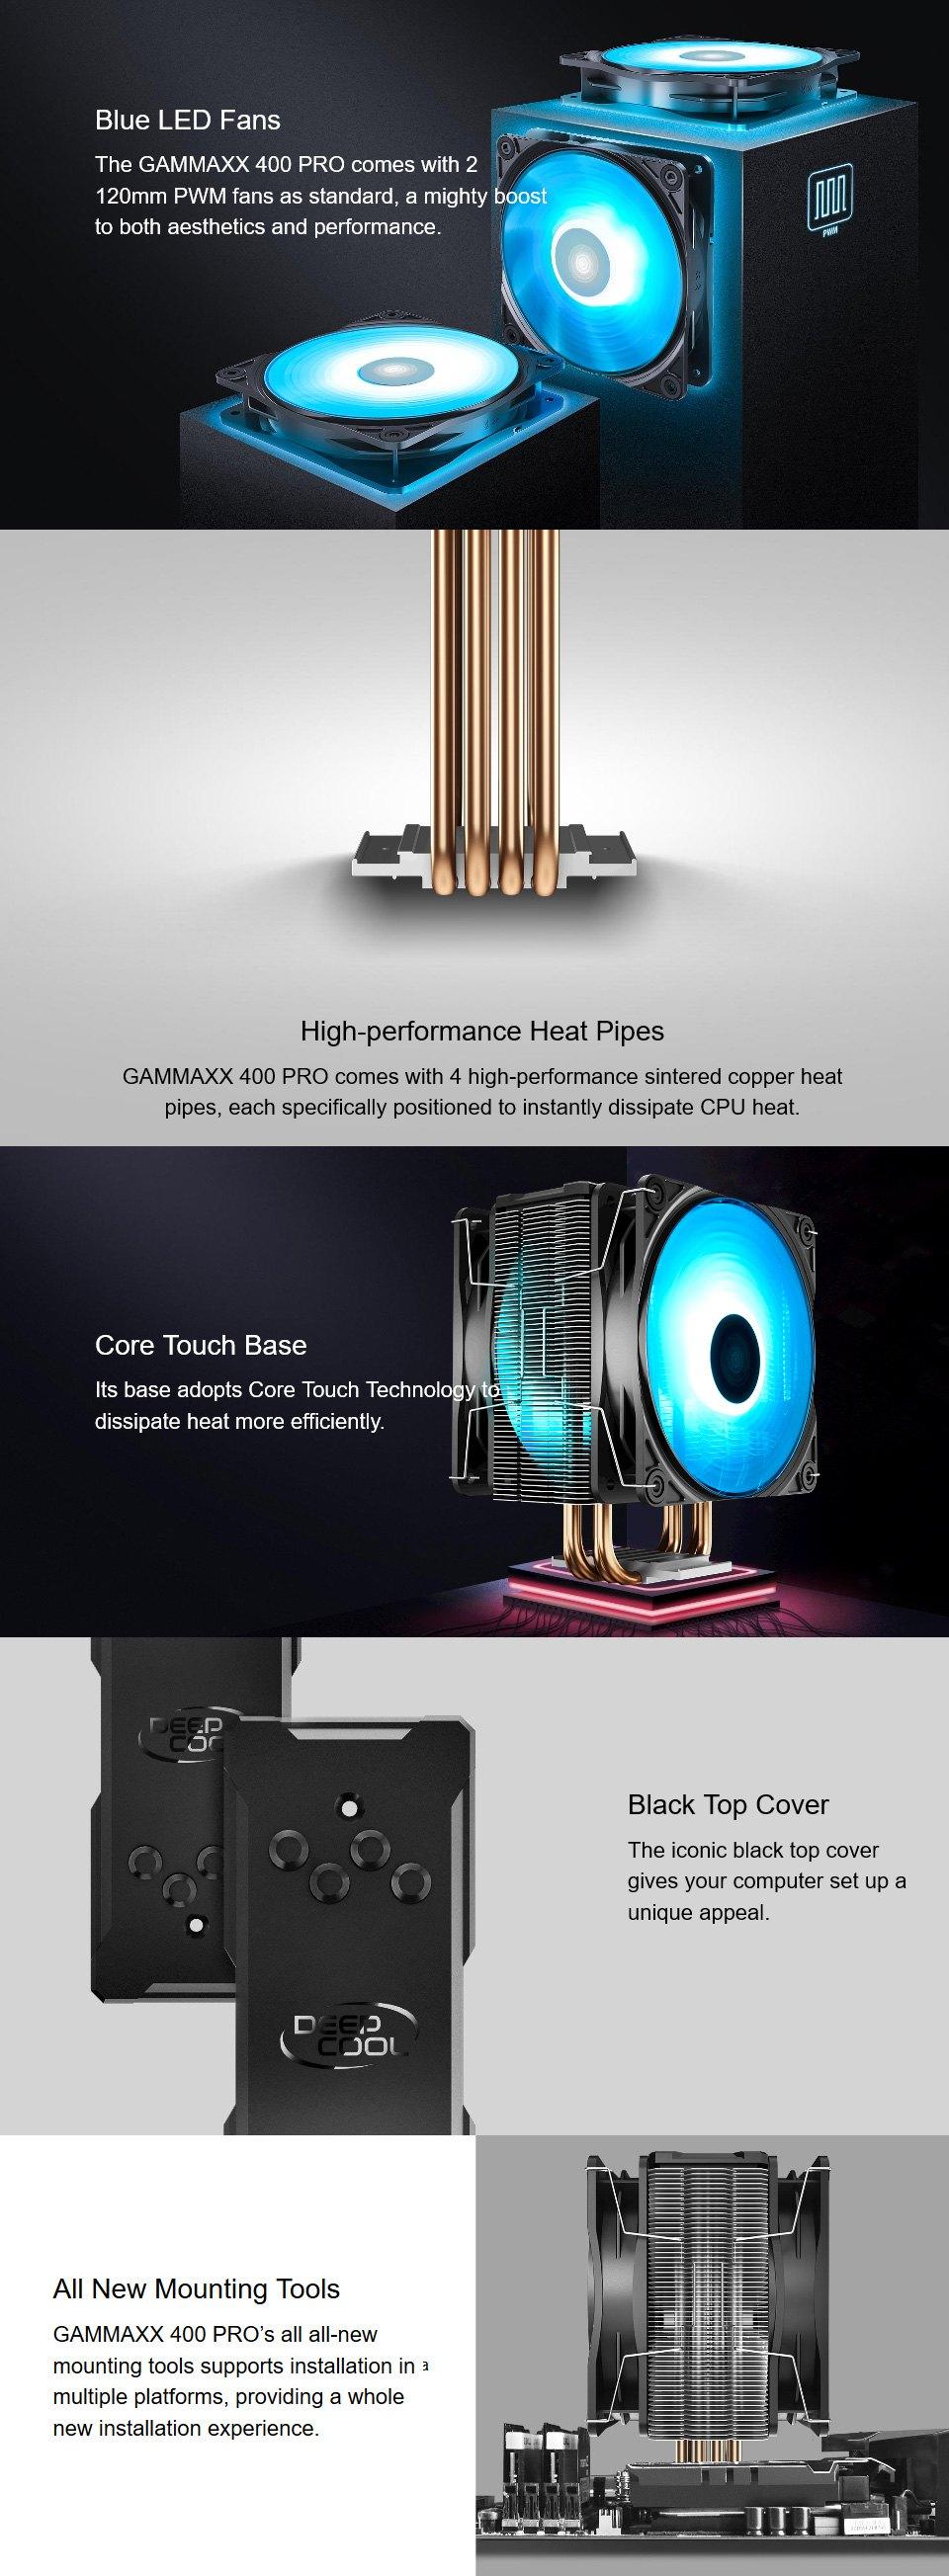 Deepcool Gamer Storm Gammaxx 400 Pro CPU Cooler features